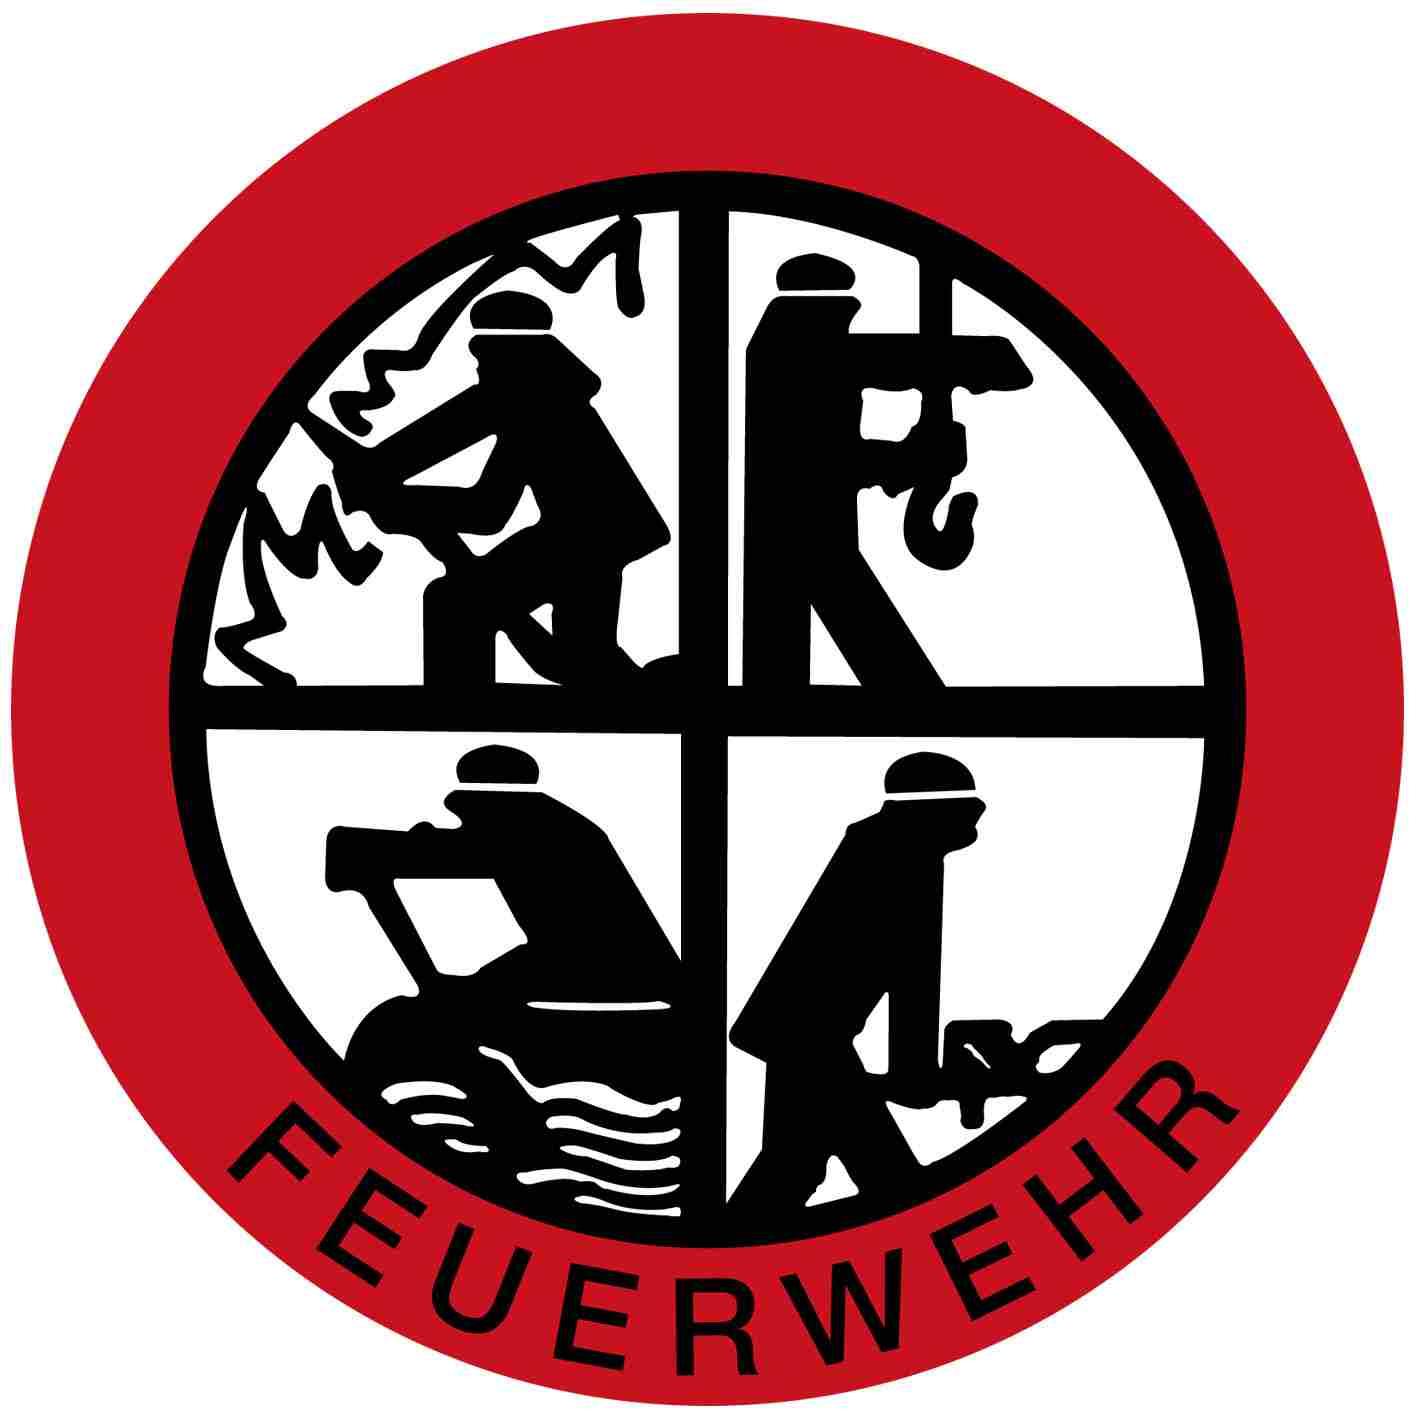 Retten_bergen_schuetzen_loeschen